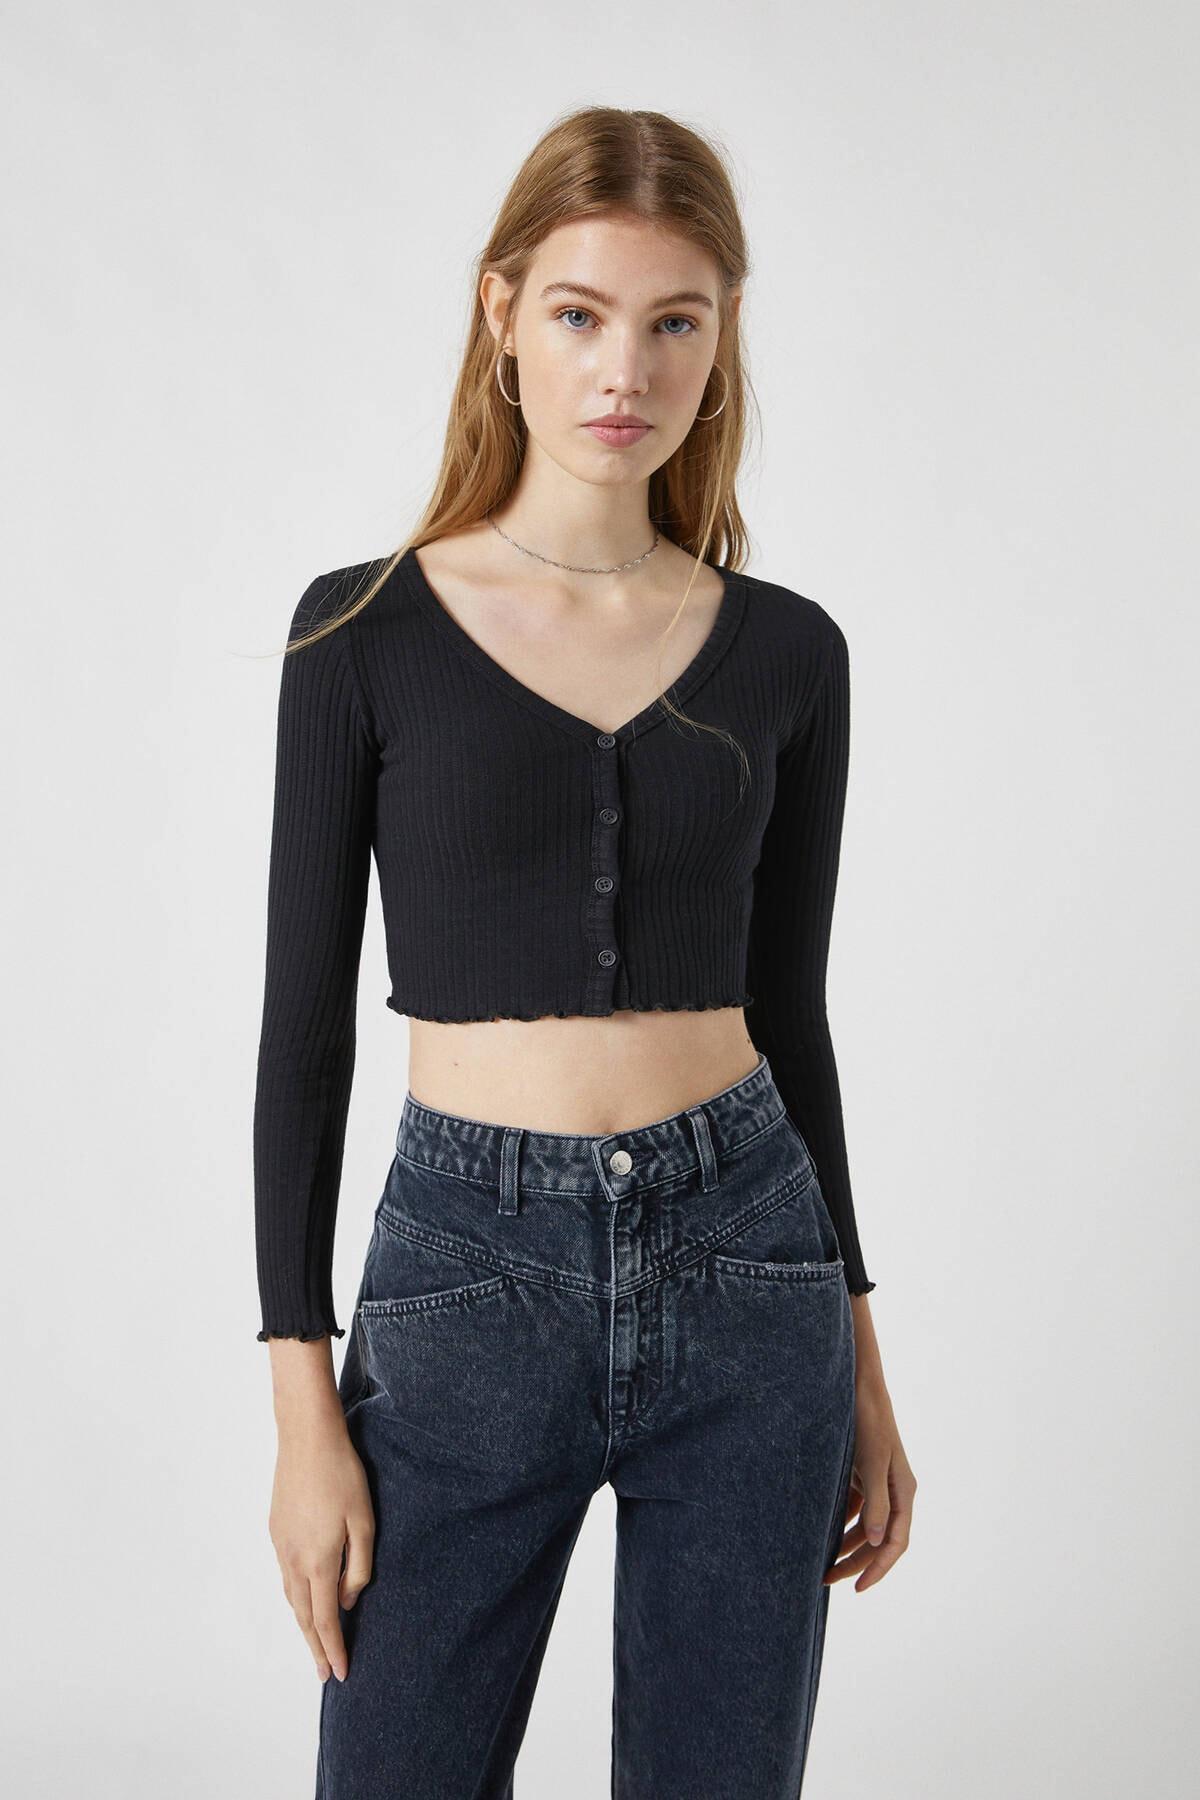 Pull & Bear Kadın Siyah Düğmeli Fitilli Crop Top 09249339